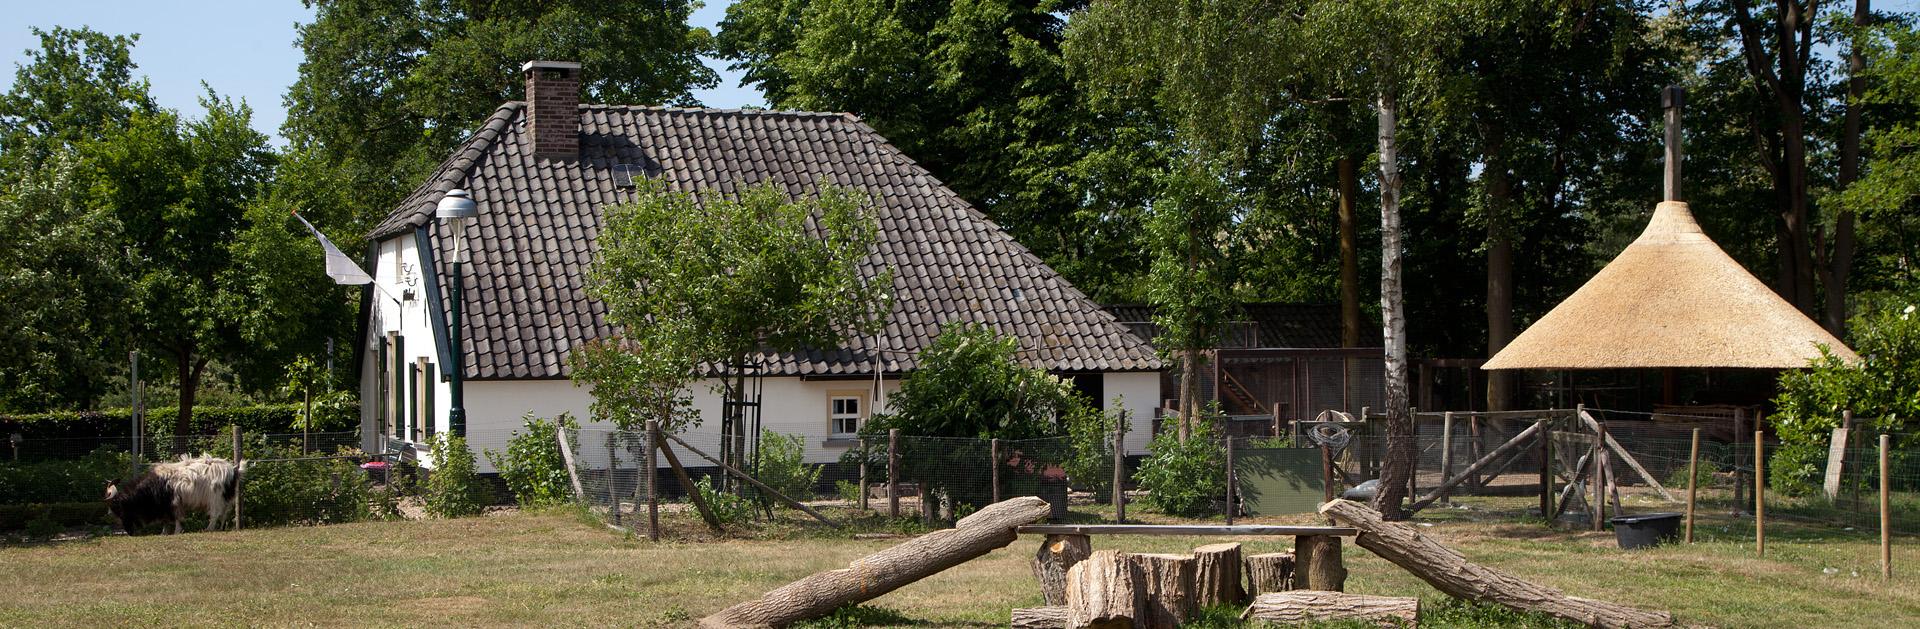 Museumboerderij de Gildekaot - Zeddam